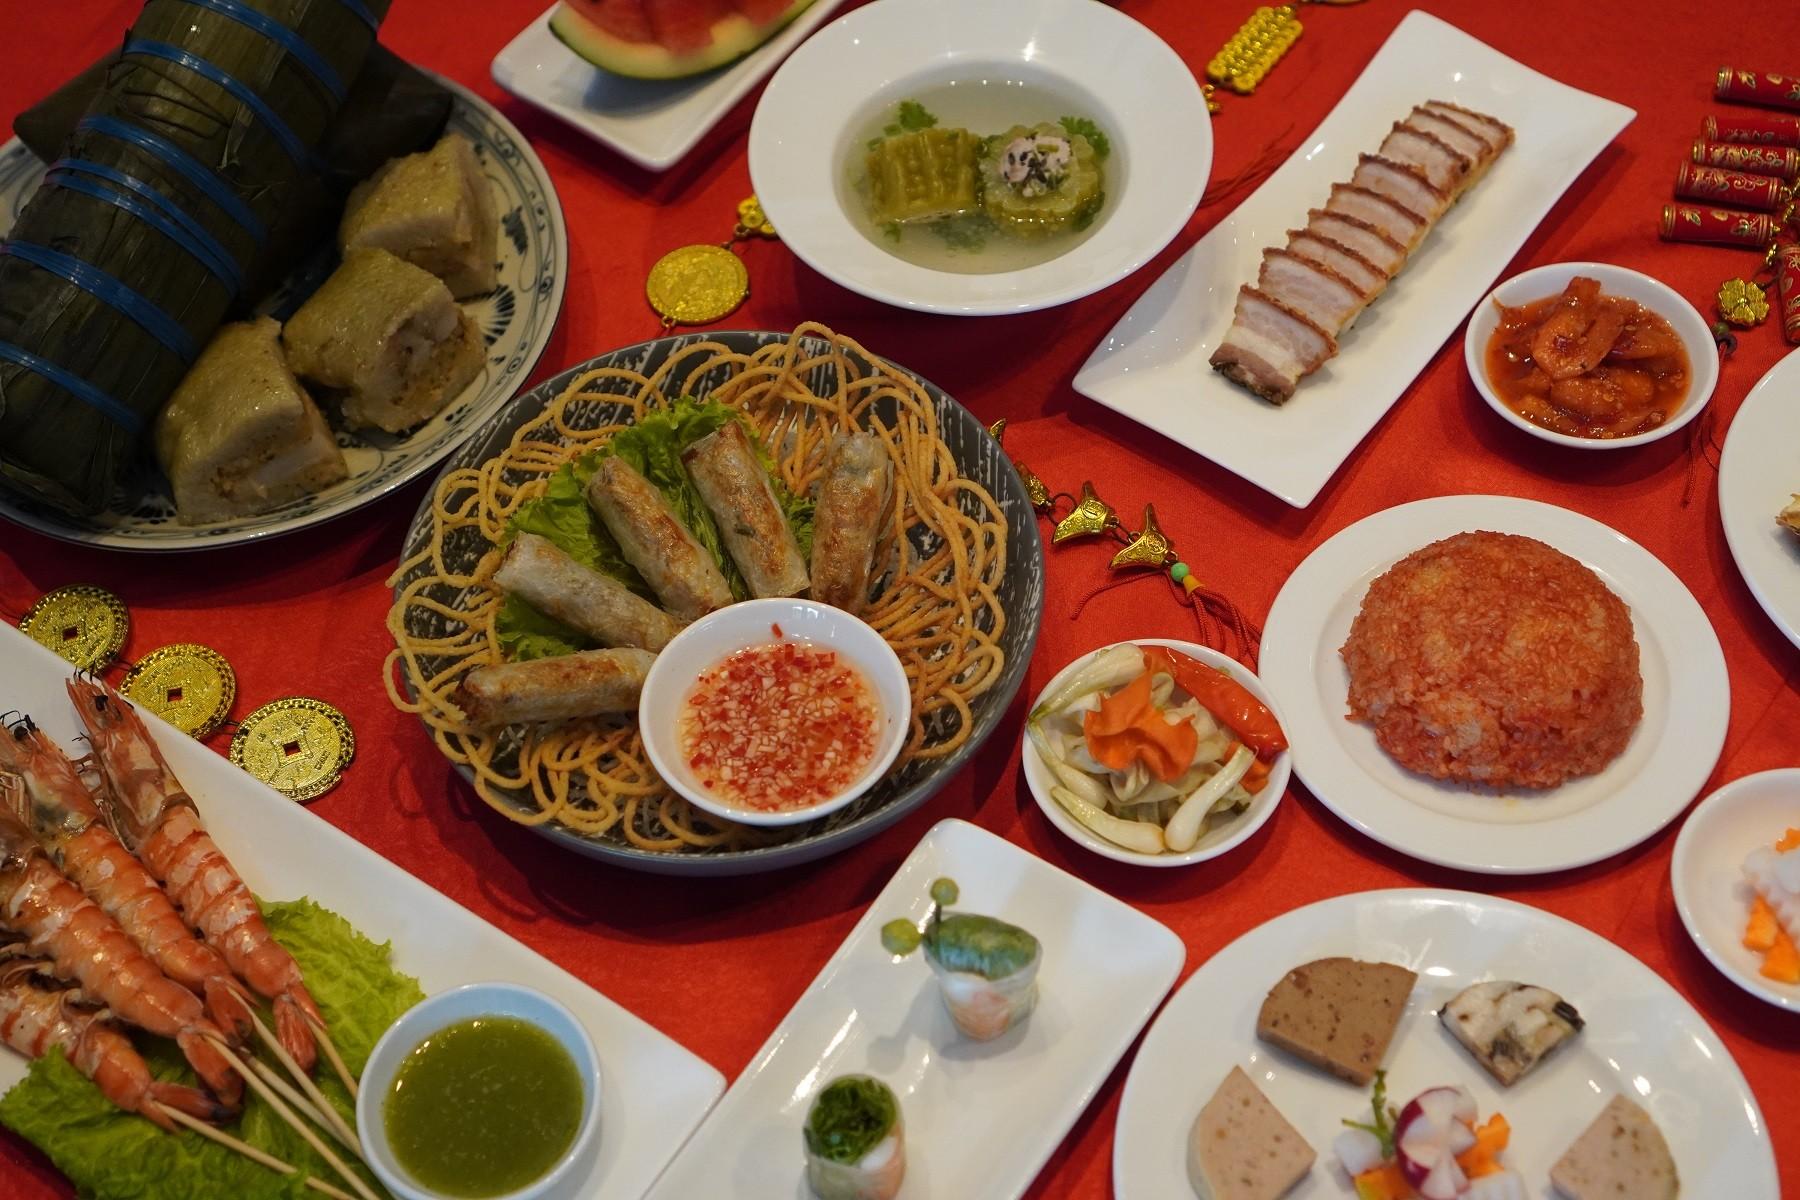 thuong-thuc-thuc-don-ngay-tet-savour-our-tet-set-menus-banh-chung-banh-tet-tom-nuong-xoi-gac-dua-mon-canh-kho-qua-nhoi-thit-dua-hau-do-ba-chi-gion-da-cha-gio-thit-dong-restaurant-epice-dn-restaurant-3